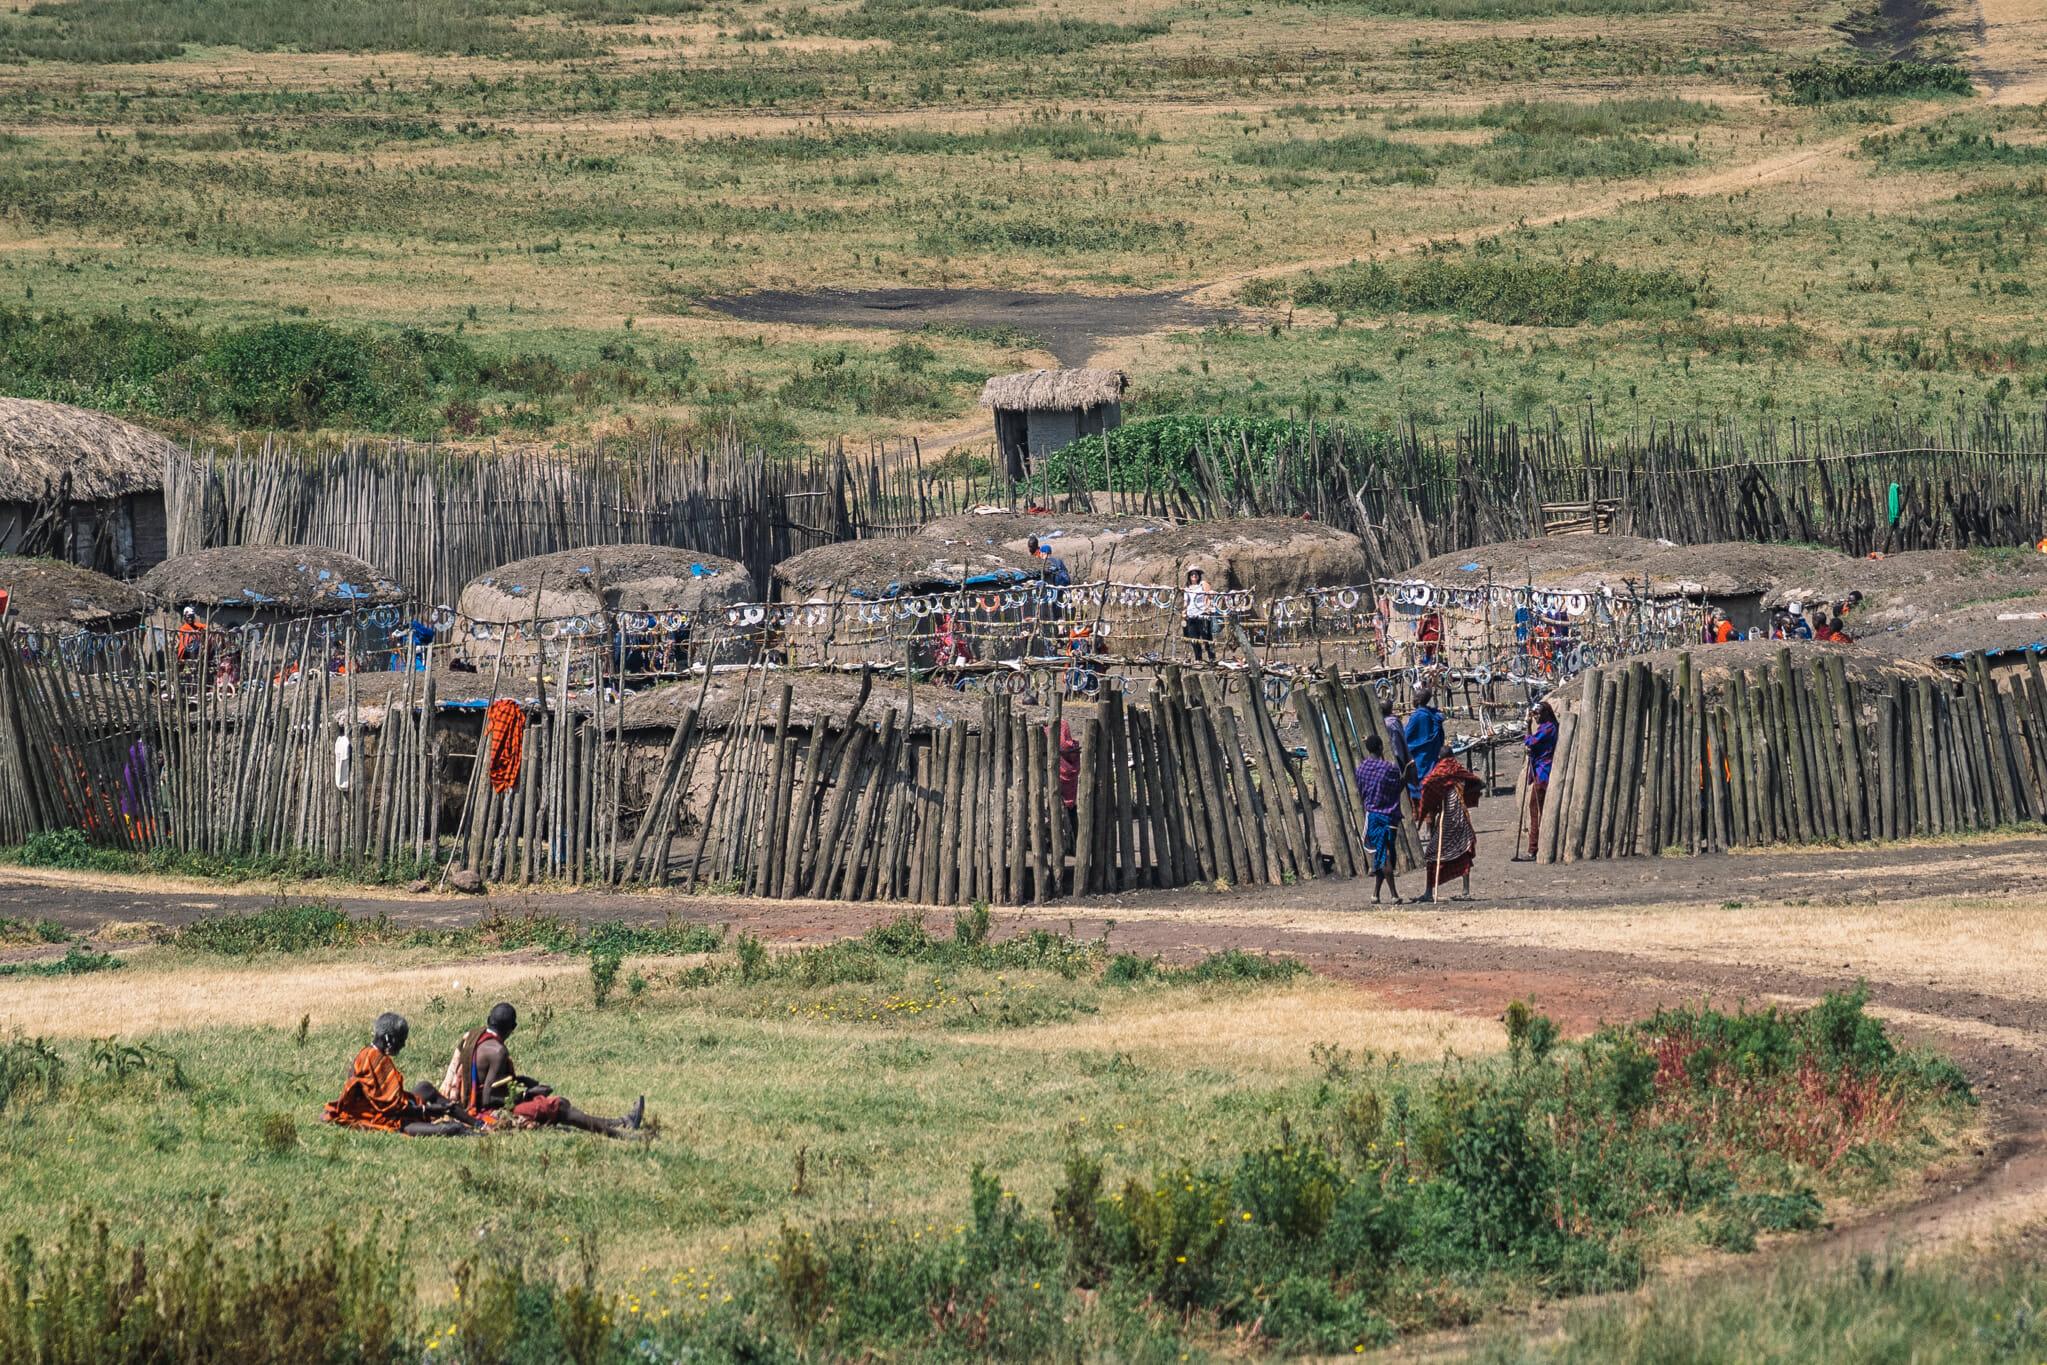 Exemple de fausse immersion en Tanzanie